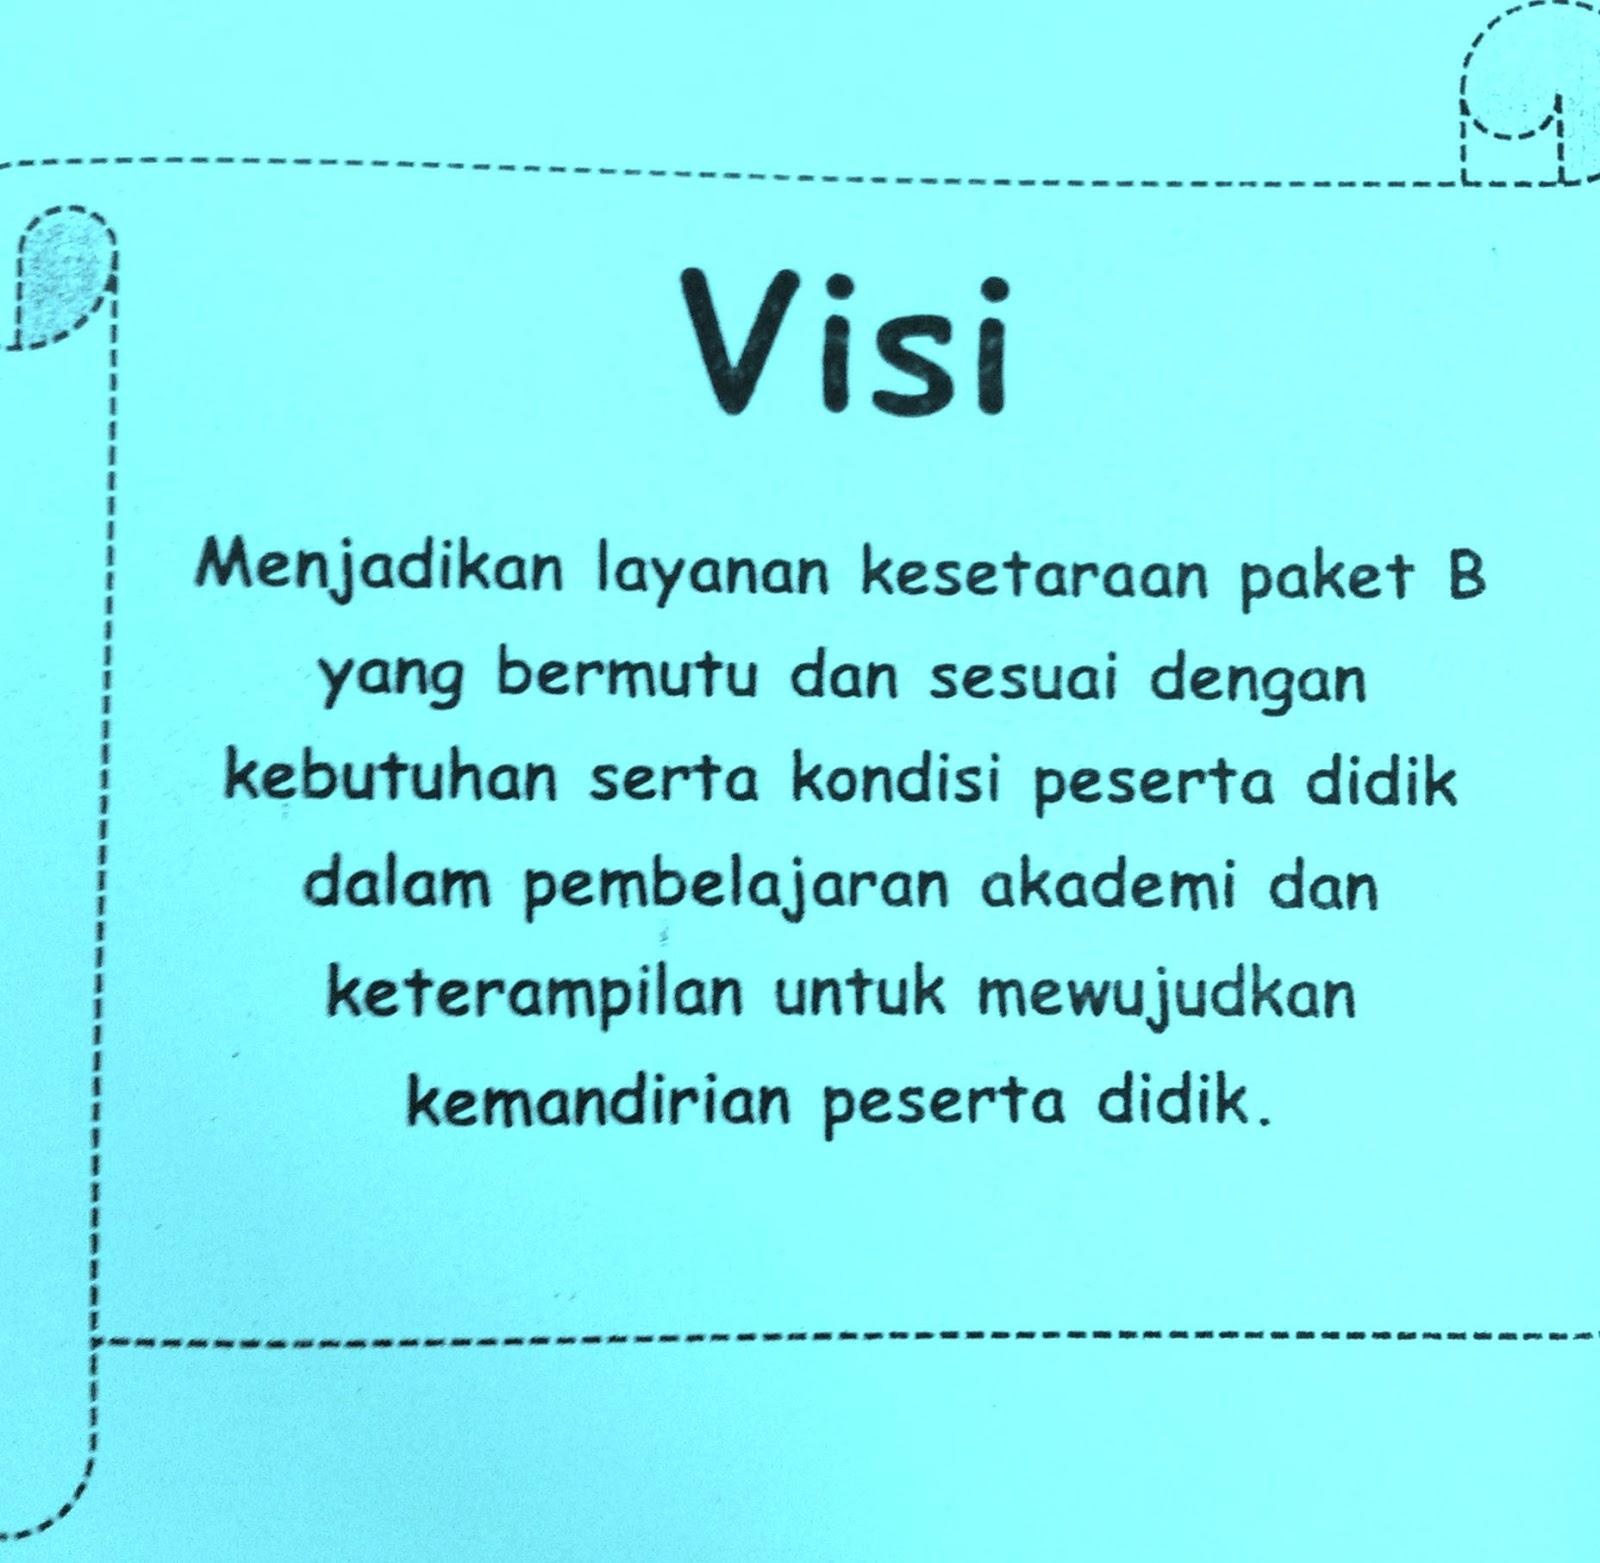 Contoh Visi Dan Misi Penyelenggaraan Kejar Paket B Setara Smp